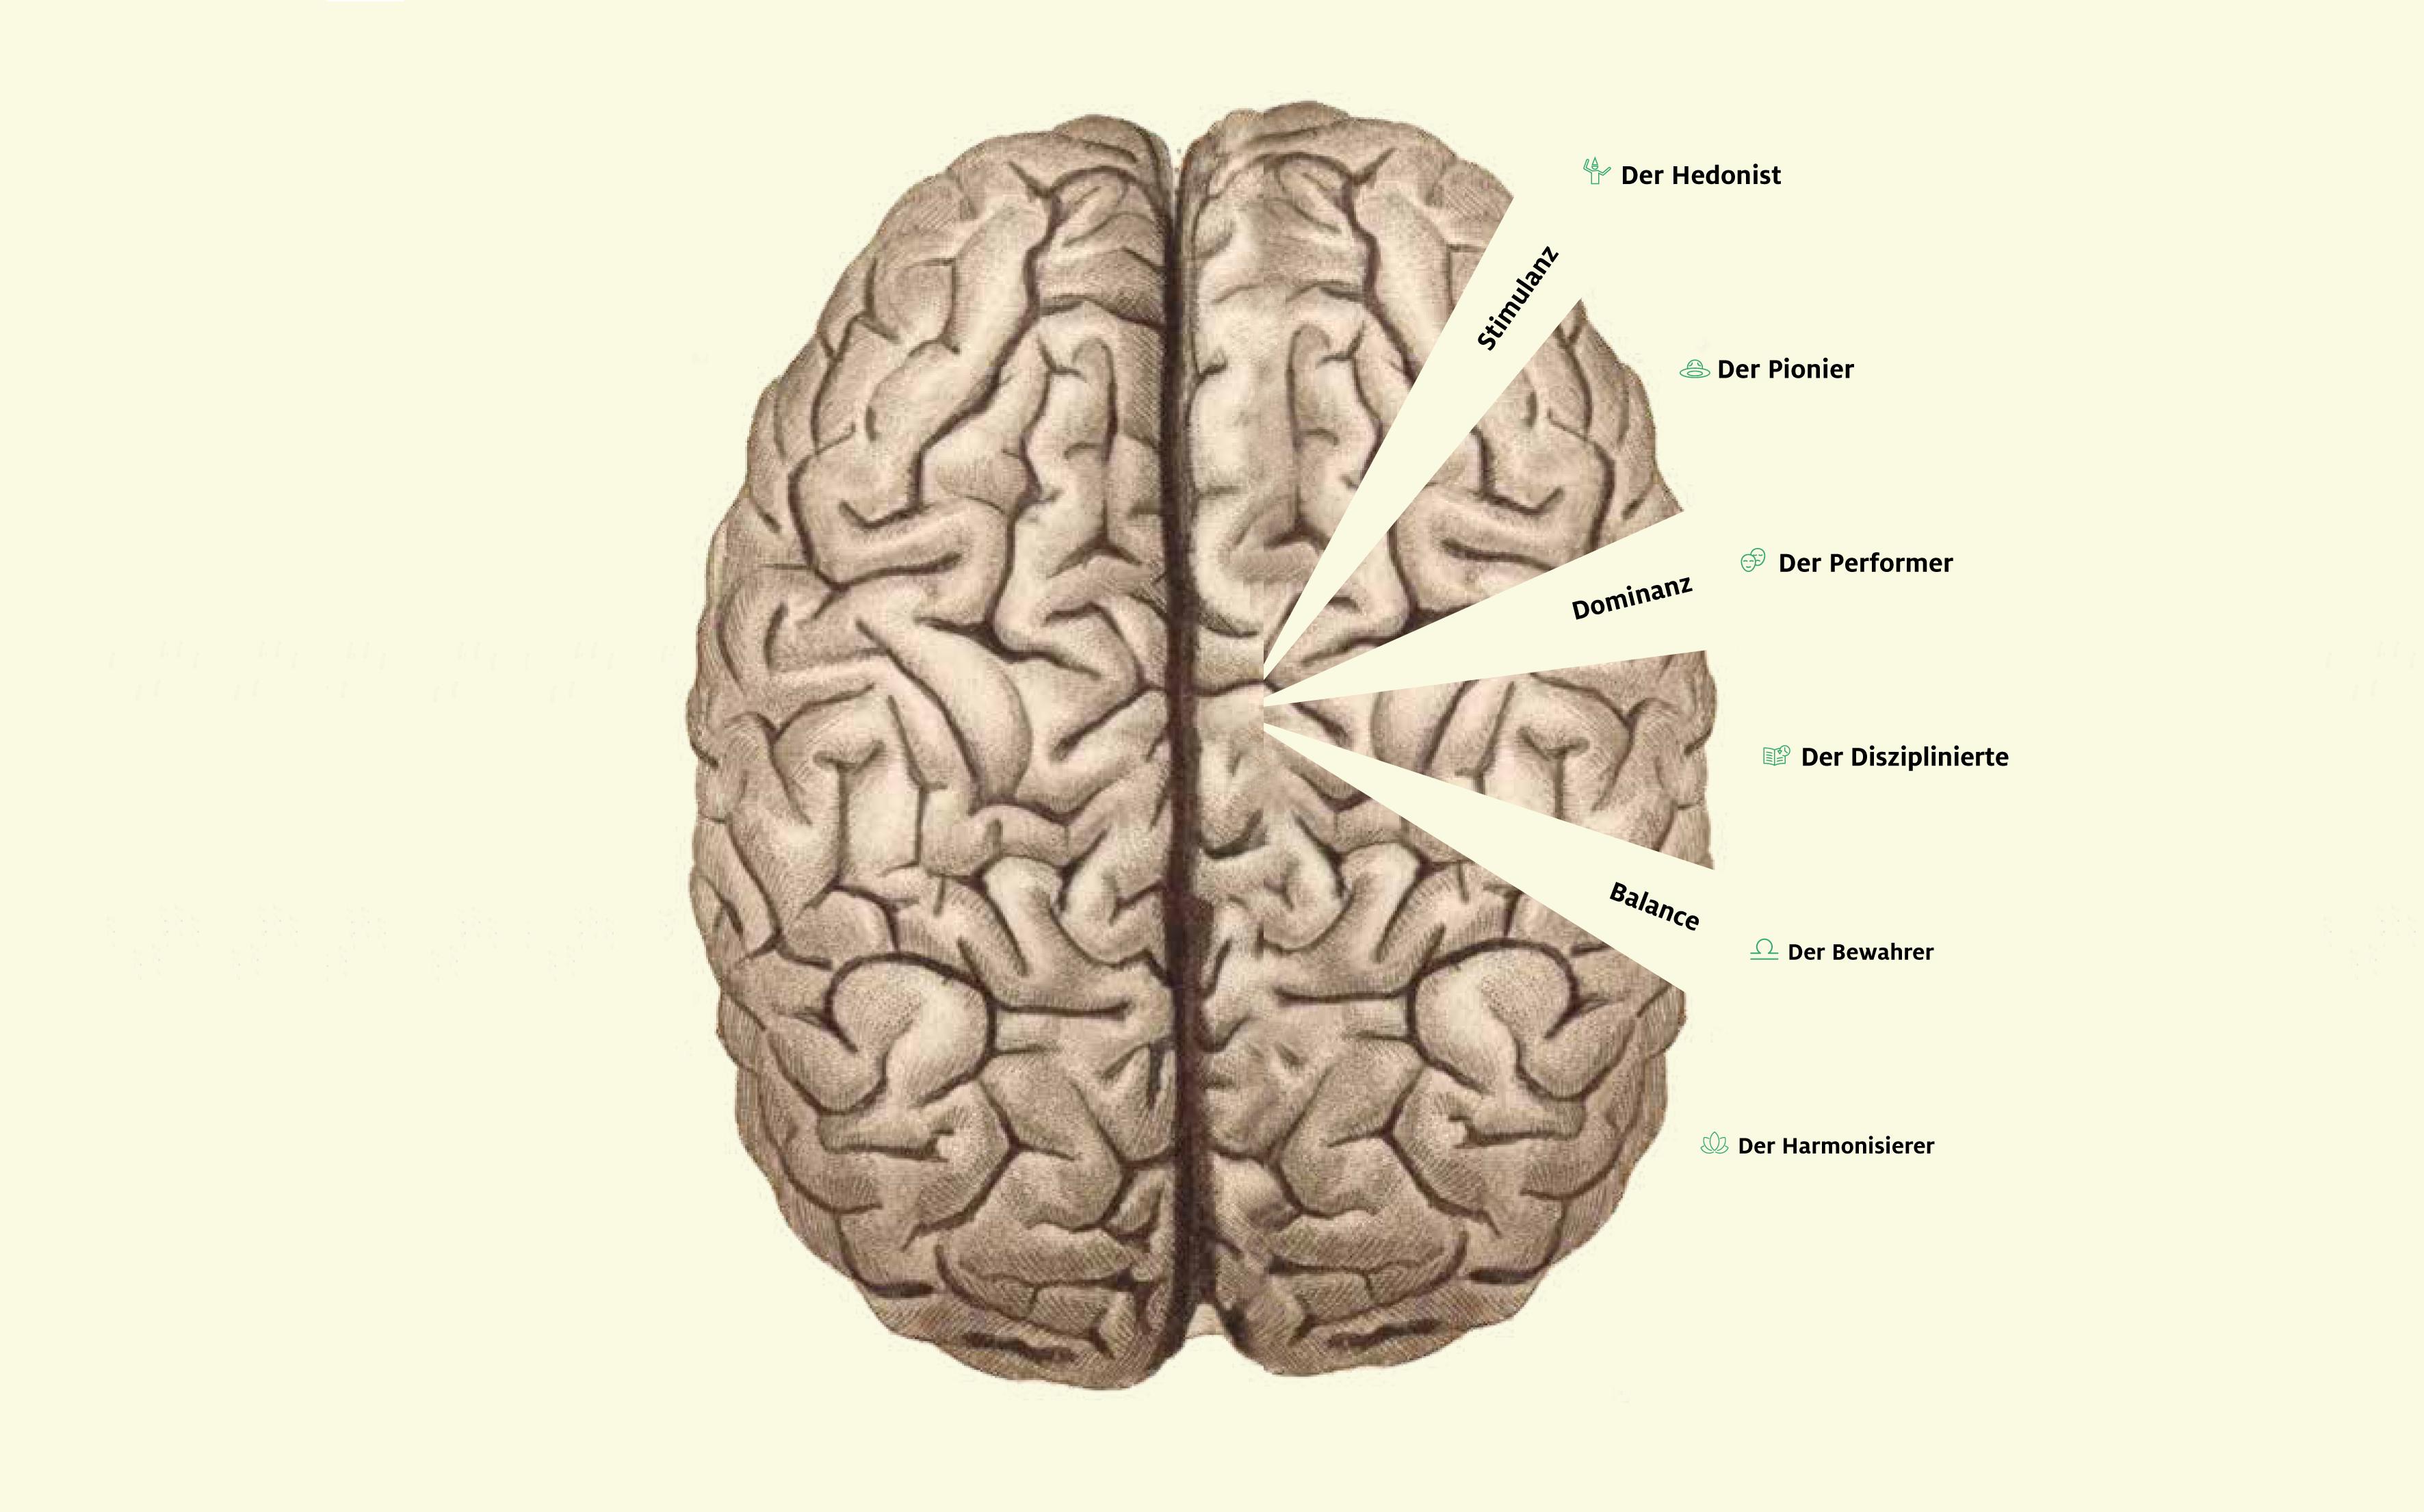 Braucht man für Content Marketing ein Gehirn?